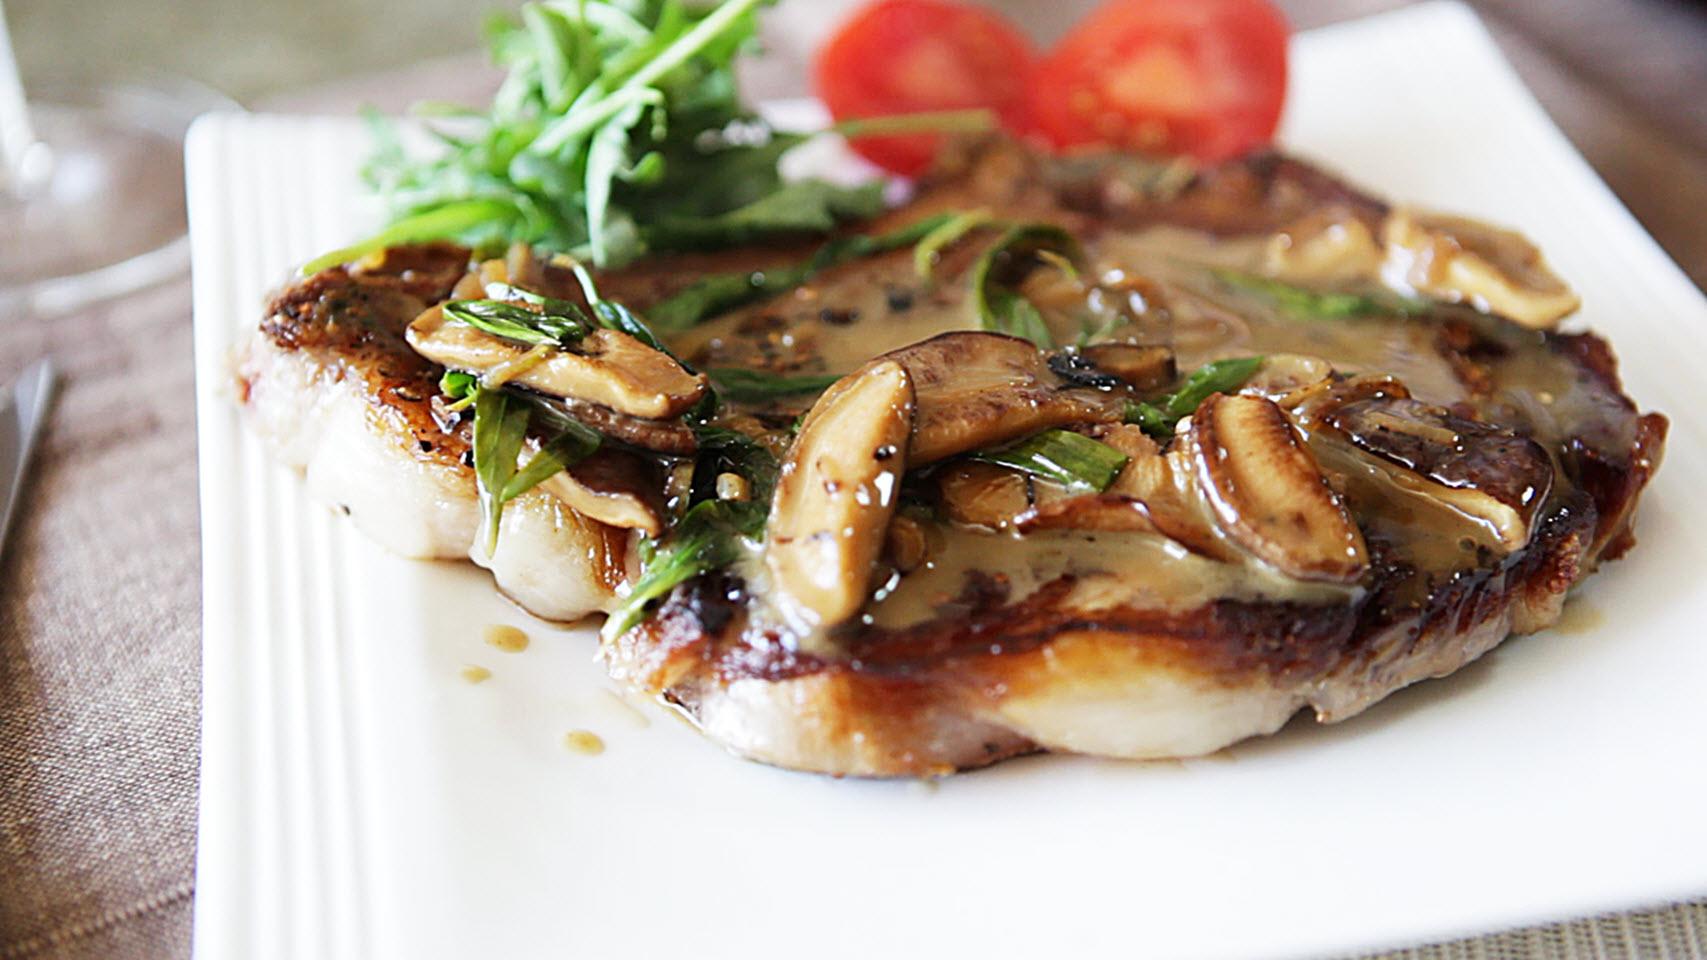 Sirloin Steak with Mushrooms